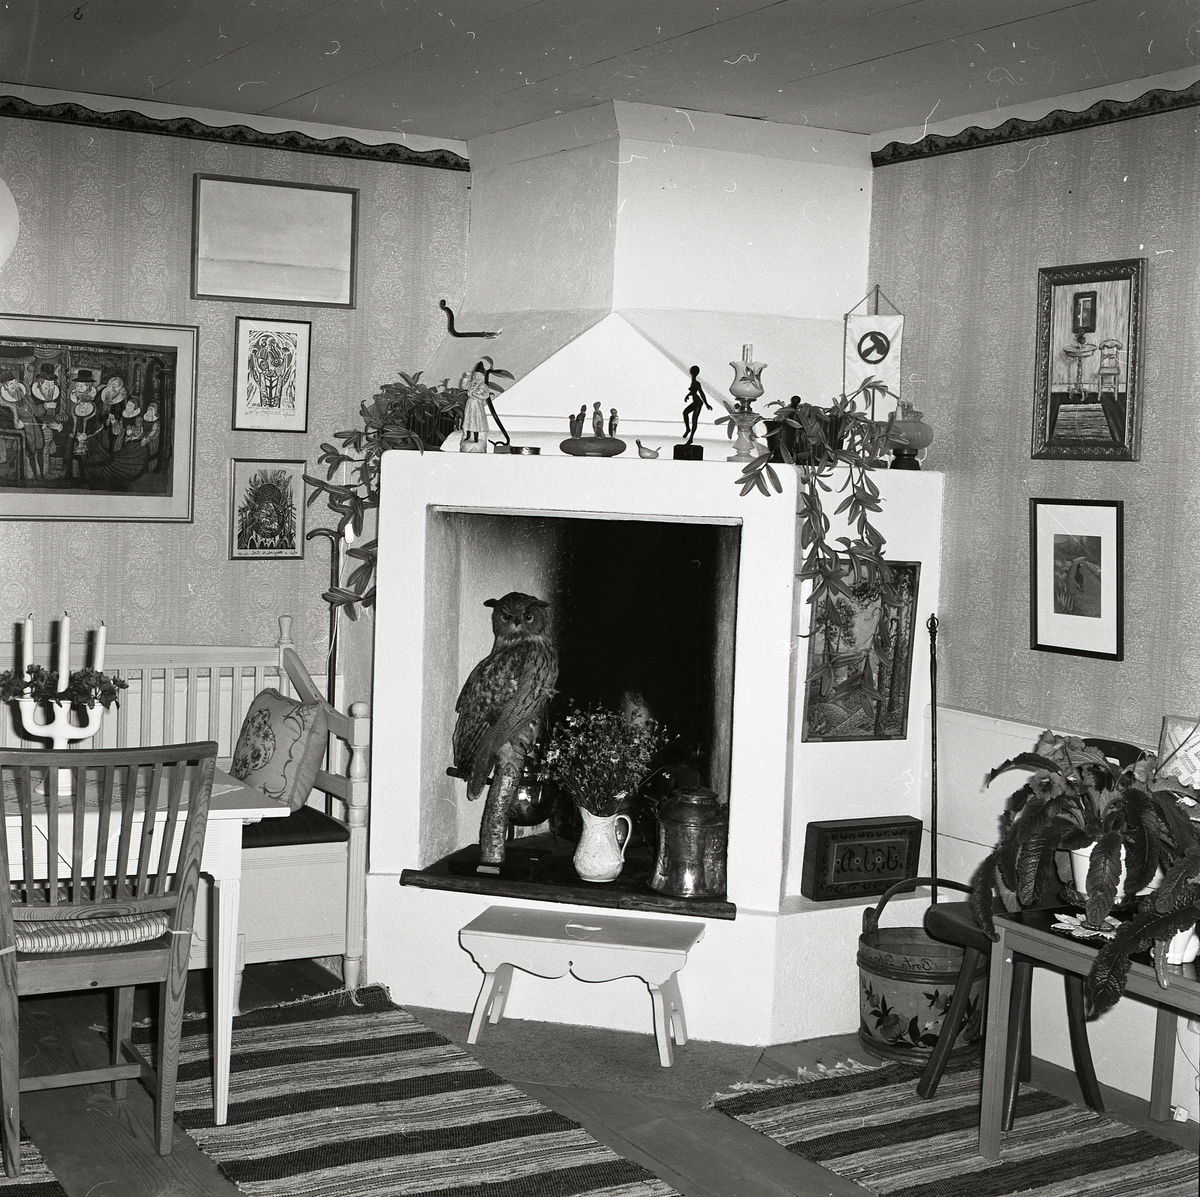 En hemtrevlig miljö har skapats genom textiler, prydnader och blommor i salen på gården Sunnanåker. Rummets hjärta är den öppna spisen som också är bildens fokuspunkt. En uppstoppad uggla står i eldstaden vilket inte förvånar då naturfantasten Hilding Mickelsson residerar i huset.